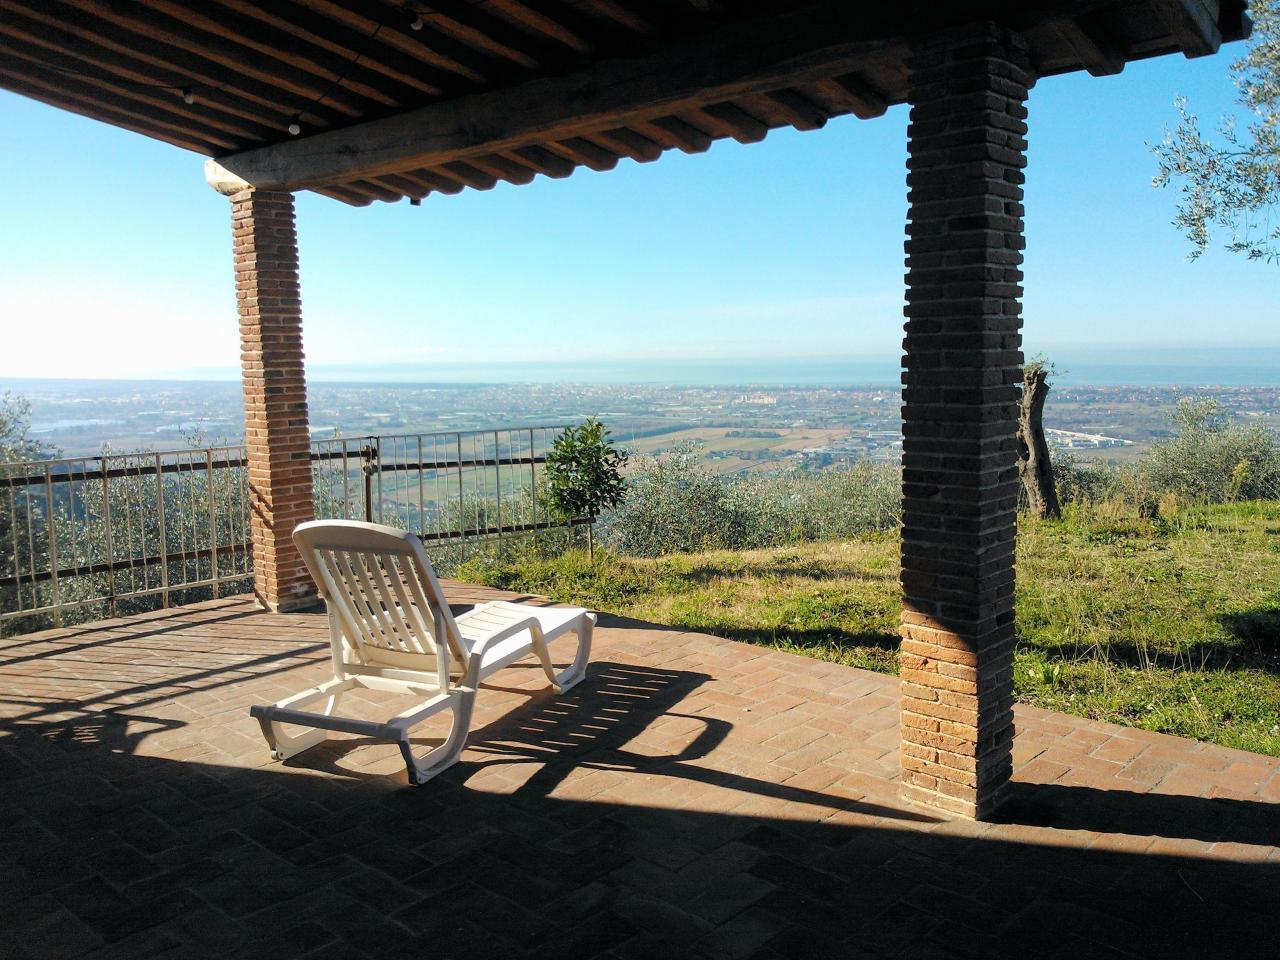 Rustico / Casale in vendita a Massarosa, 6 locali, zona Località: PianodiMommio, prezzo € 490.000 | Cambio Casa.it